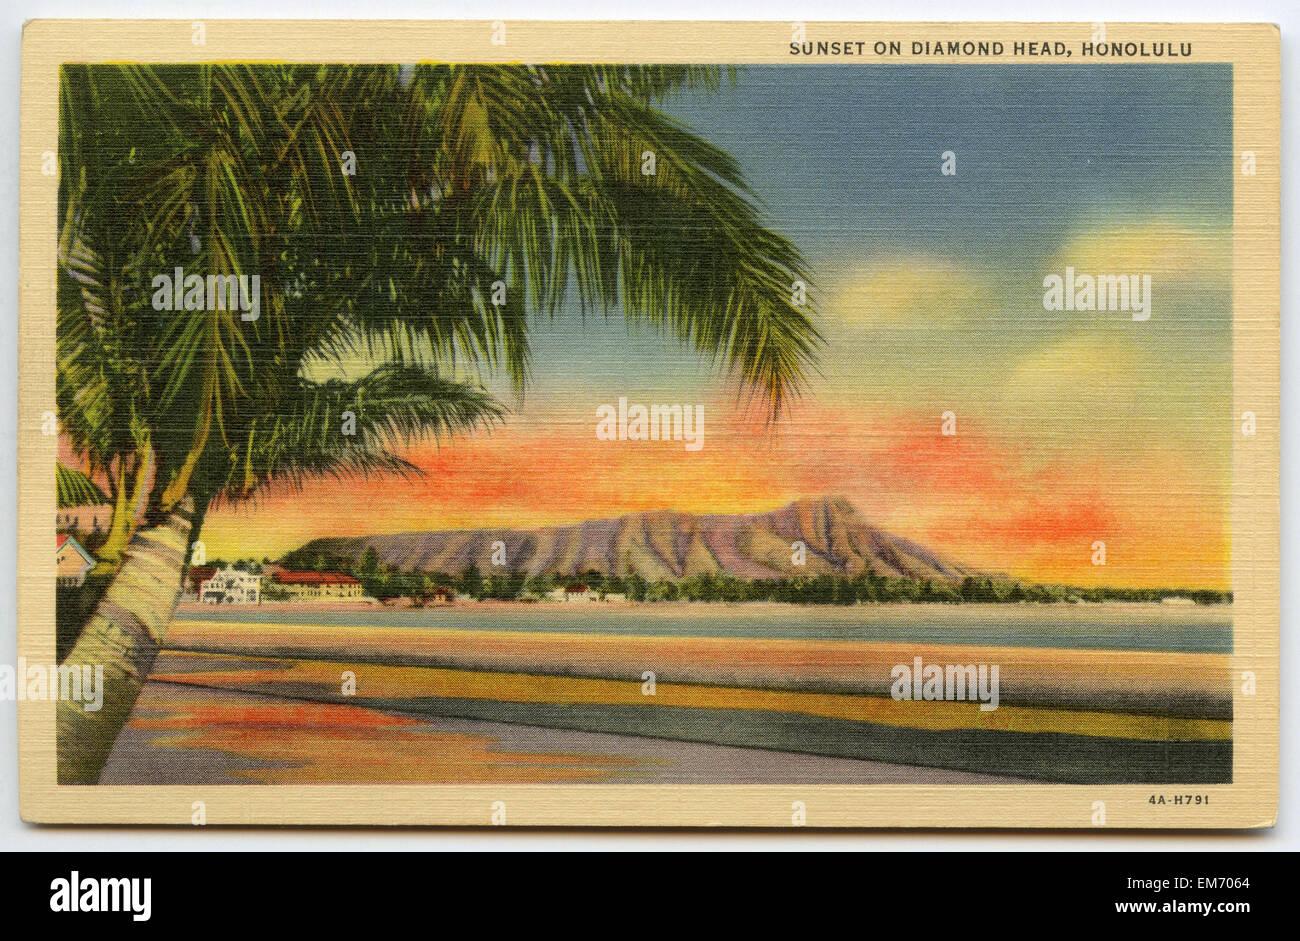 Vintage Postcard Of Hawaii